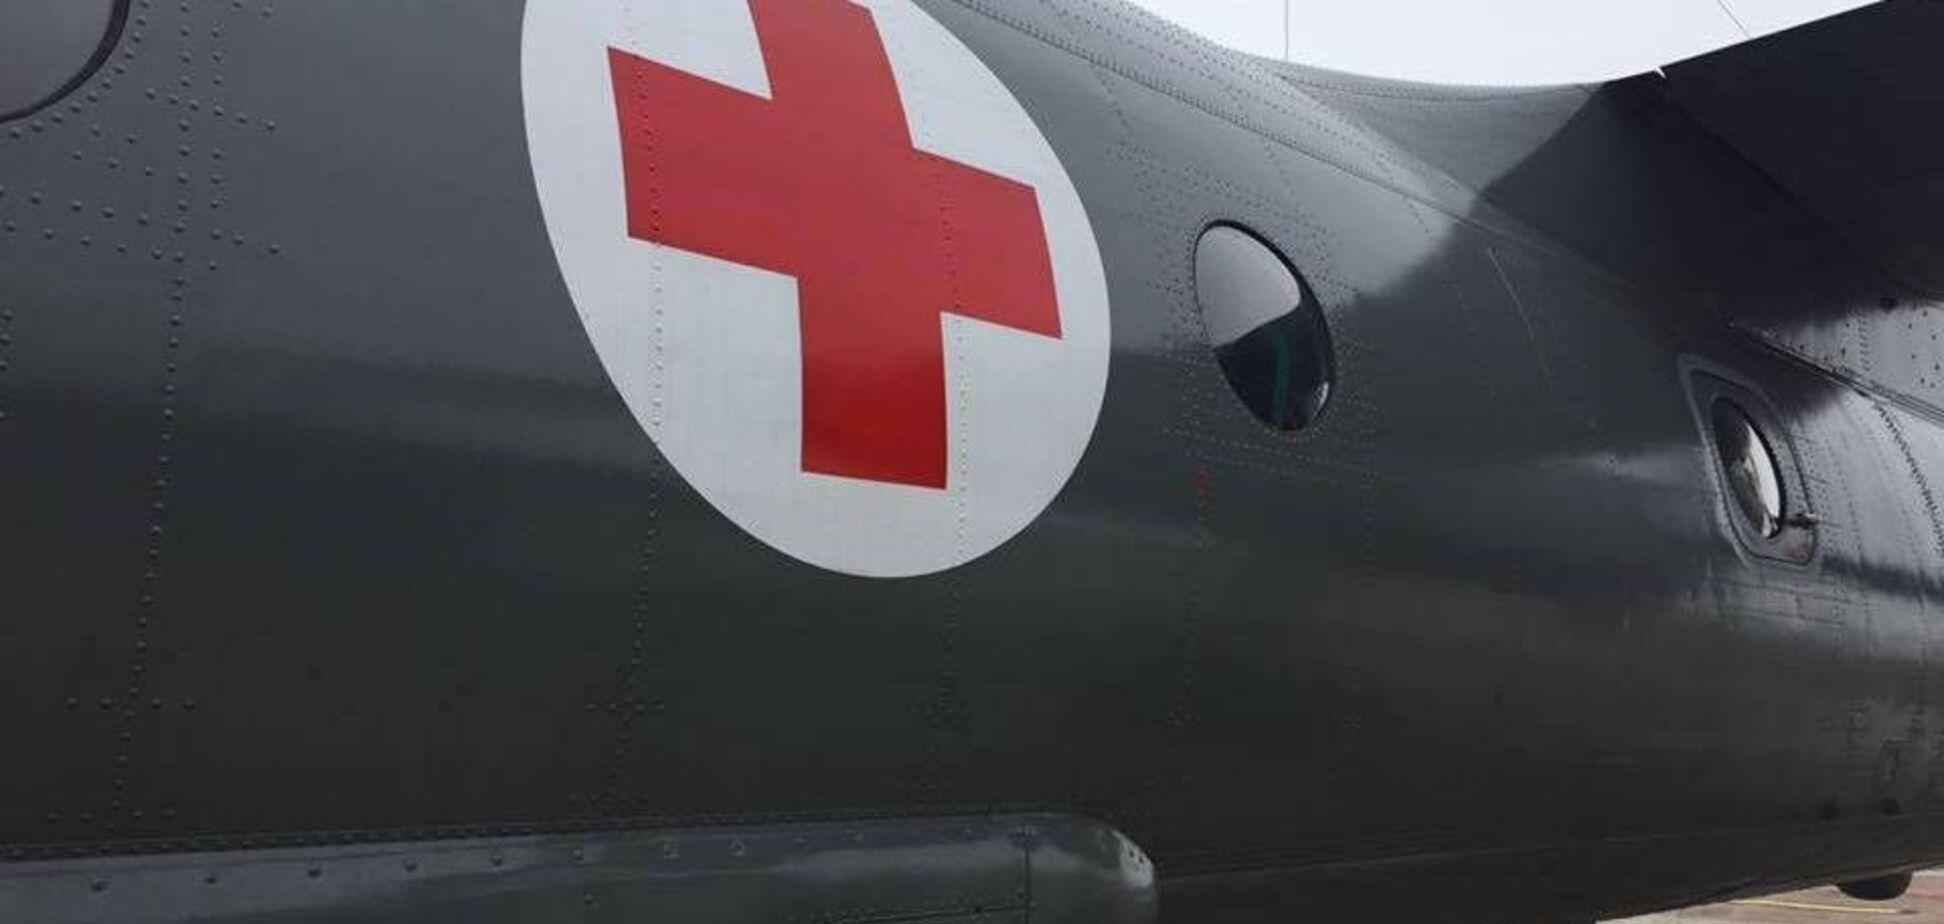 Ранение лазером: в Днепр срочно эвакуировали бойца ВСУ